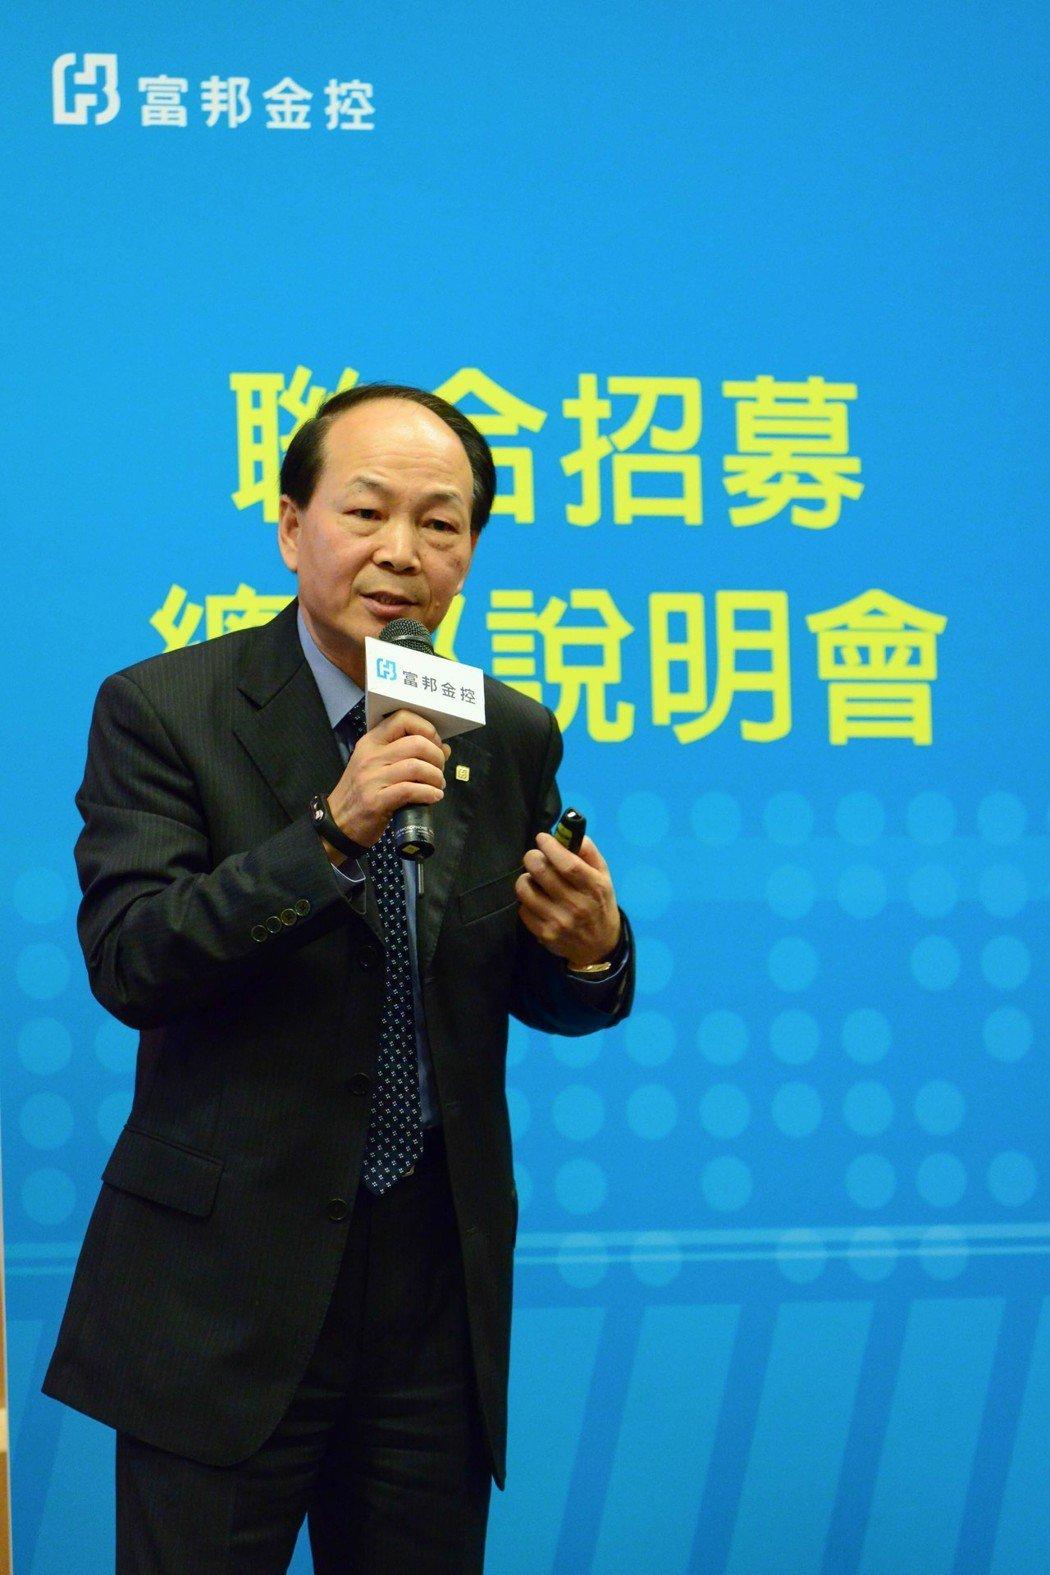 富邦產險總經理陳伯燿表示,富邦產已取得區塊鏈發明專利「分散式保險回饋系統」,創產...